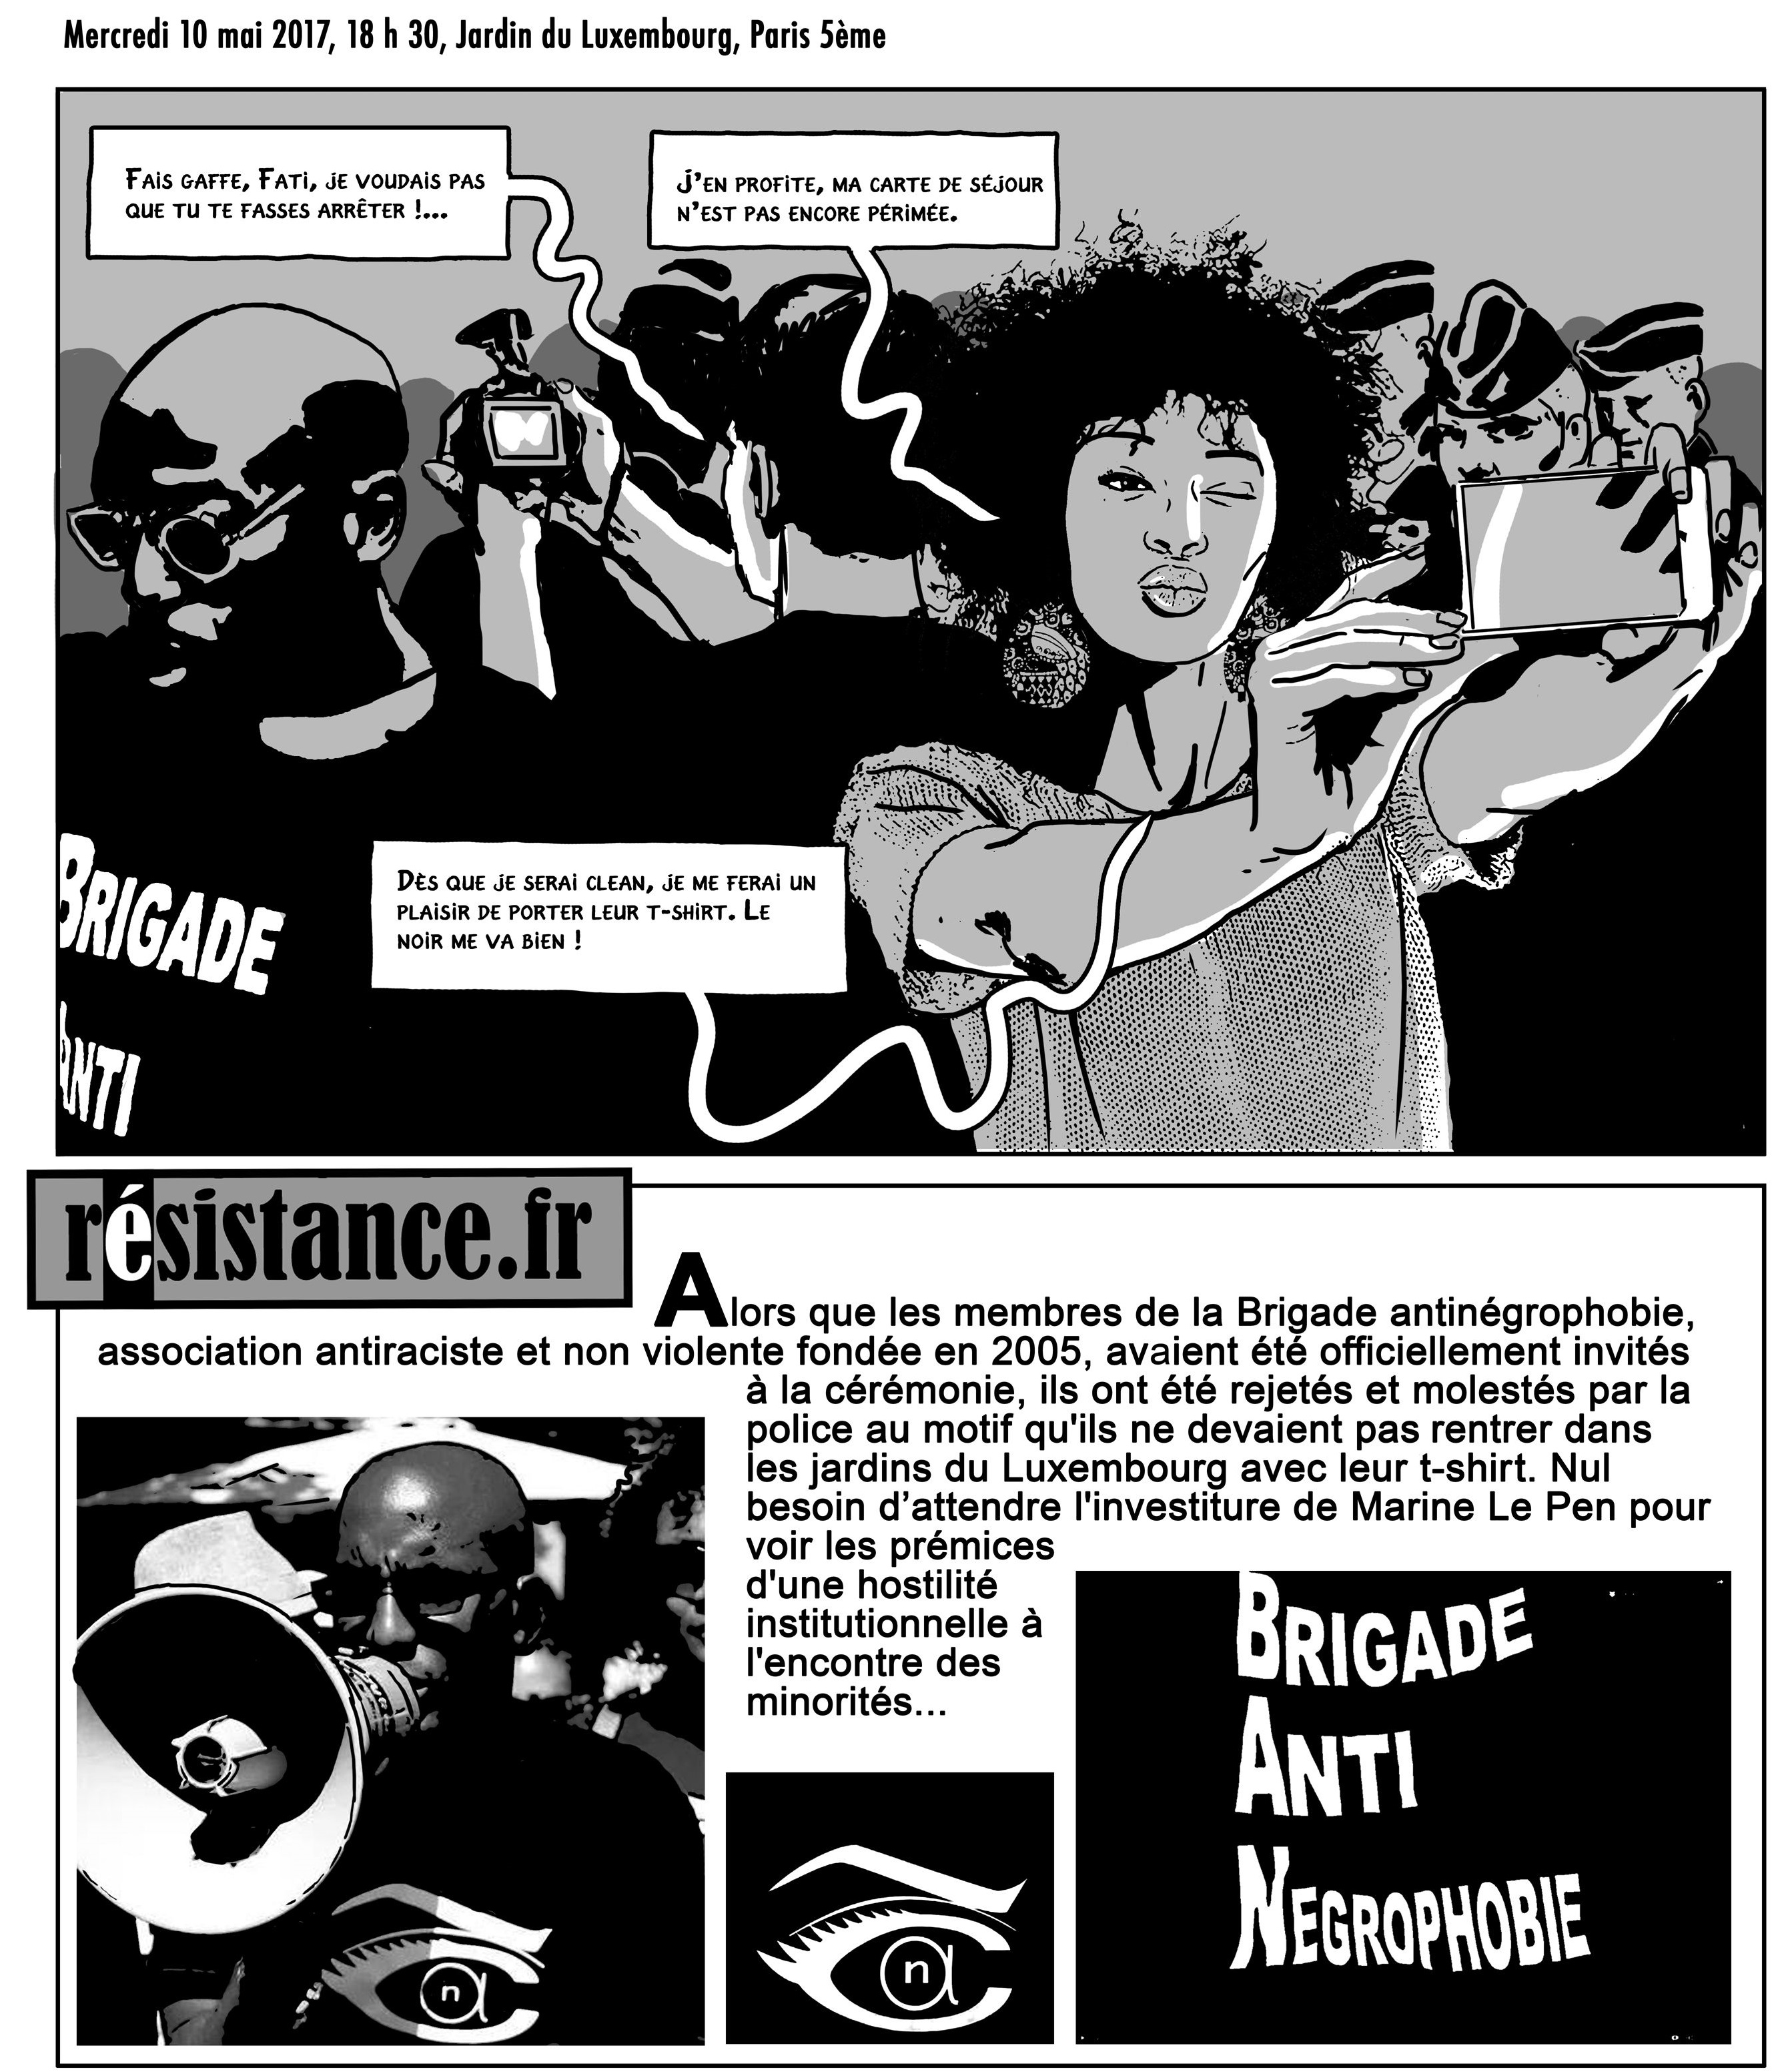 La présidente - Durpaire - Boudjellal - résistance